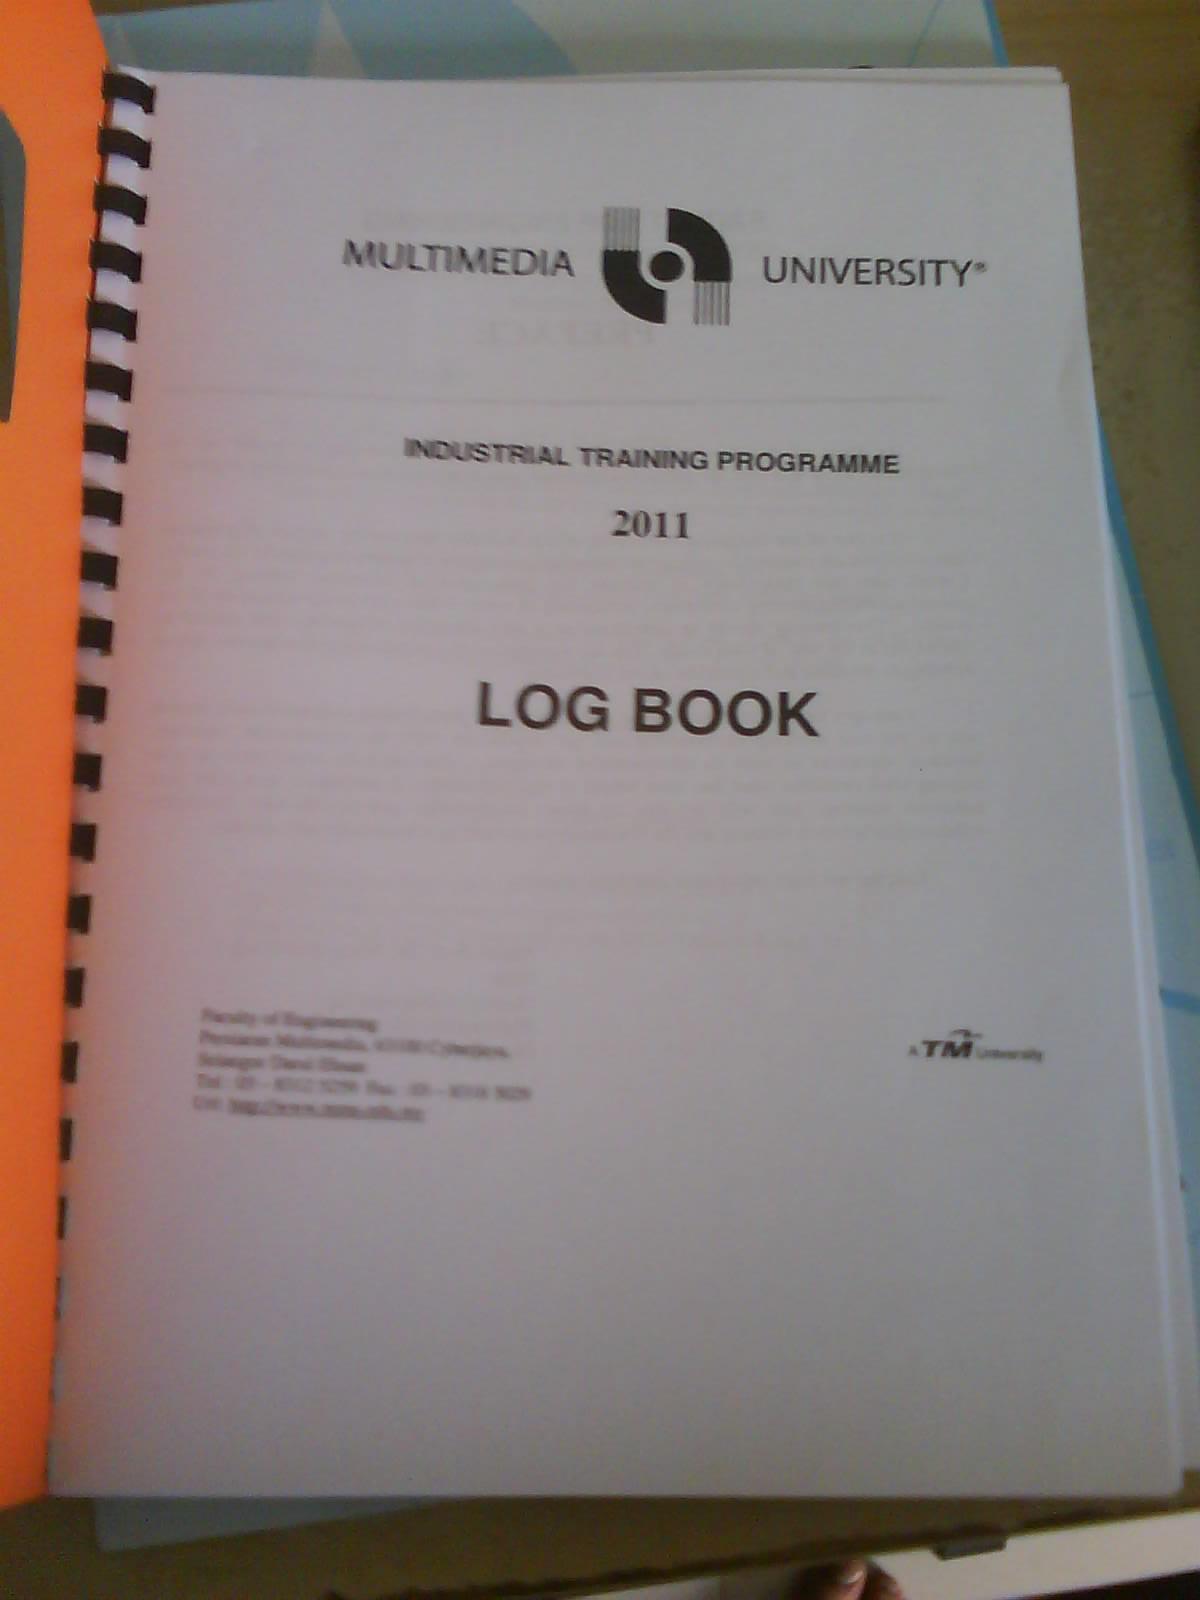 u7f18 u5206 u7684 u590f u5929  summer of the fate   internship   a thick log book